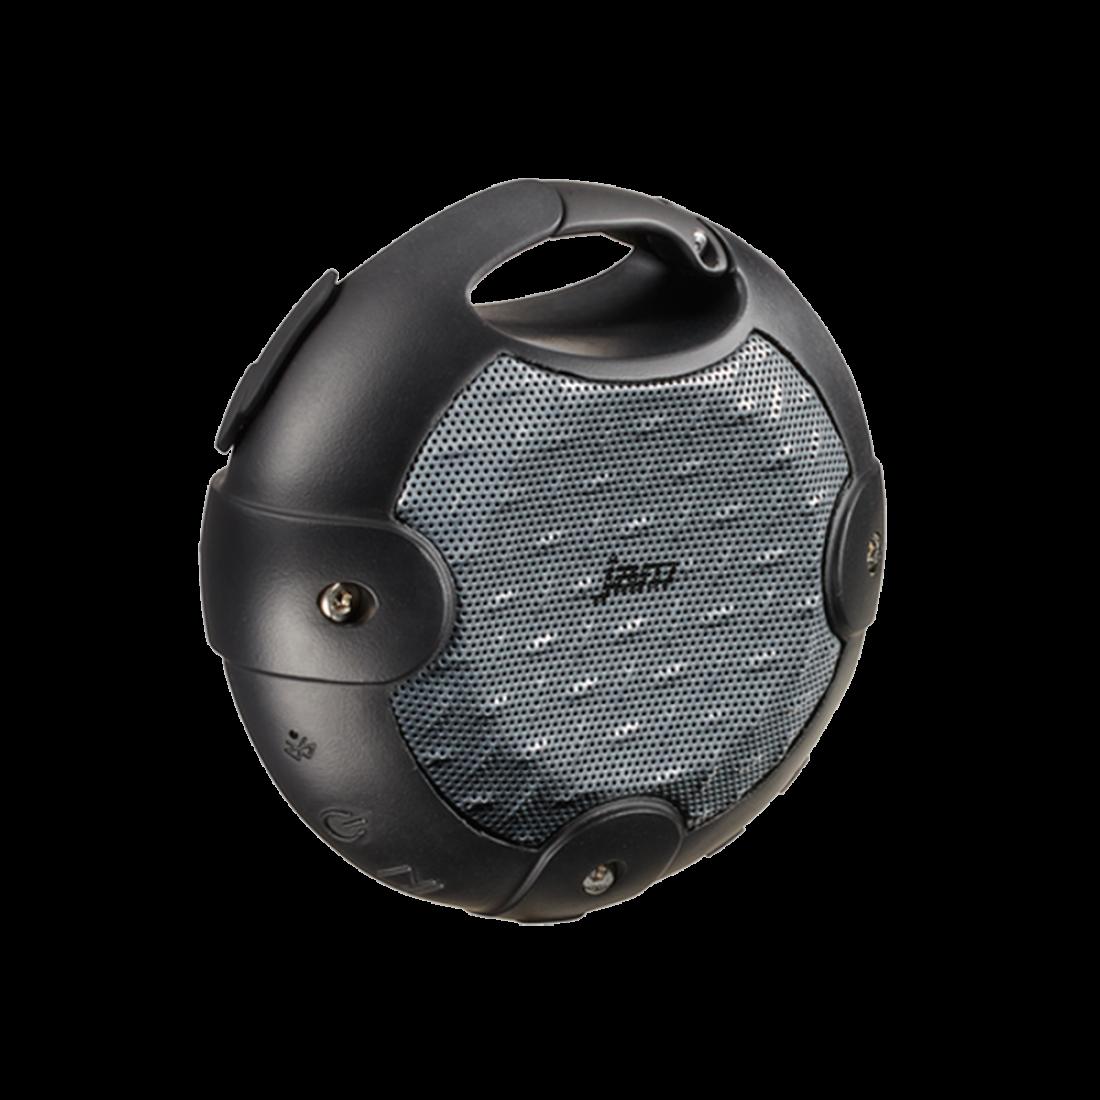 Jam Audio Xterior Voice Xterior Plus And Xterior Max